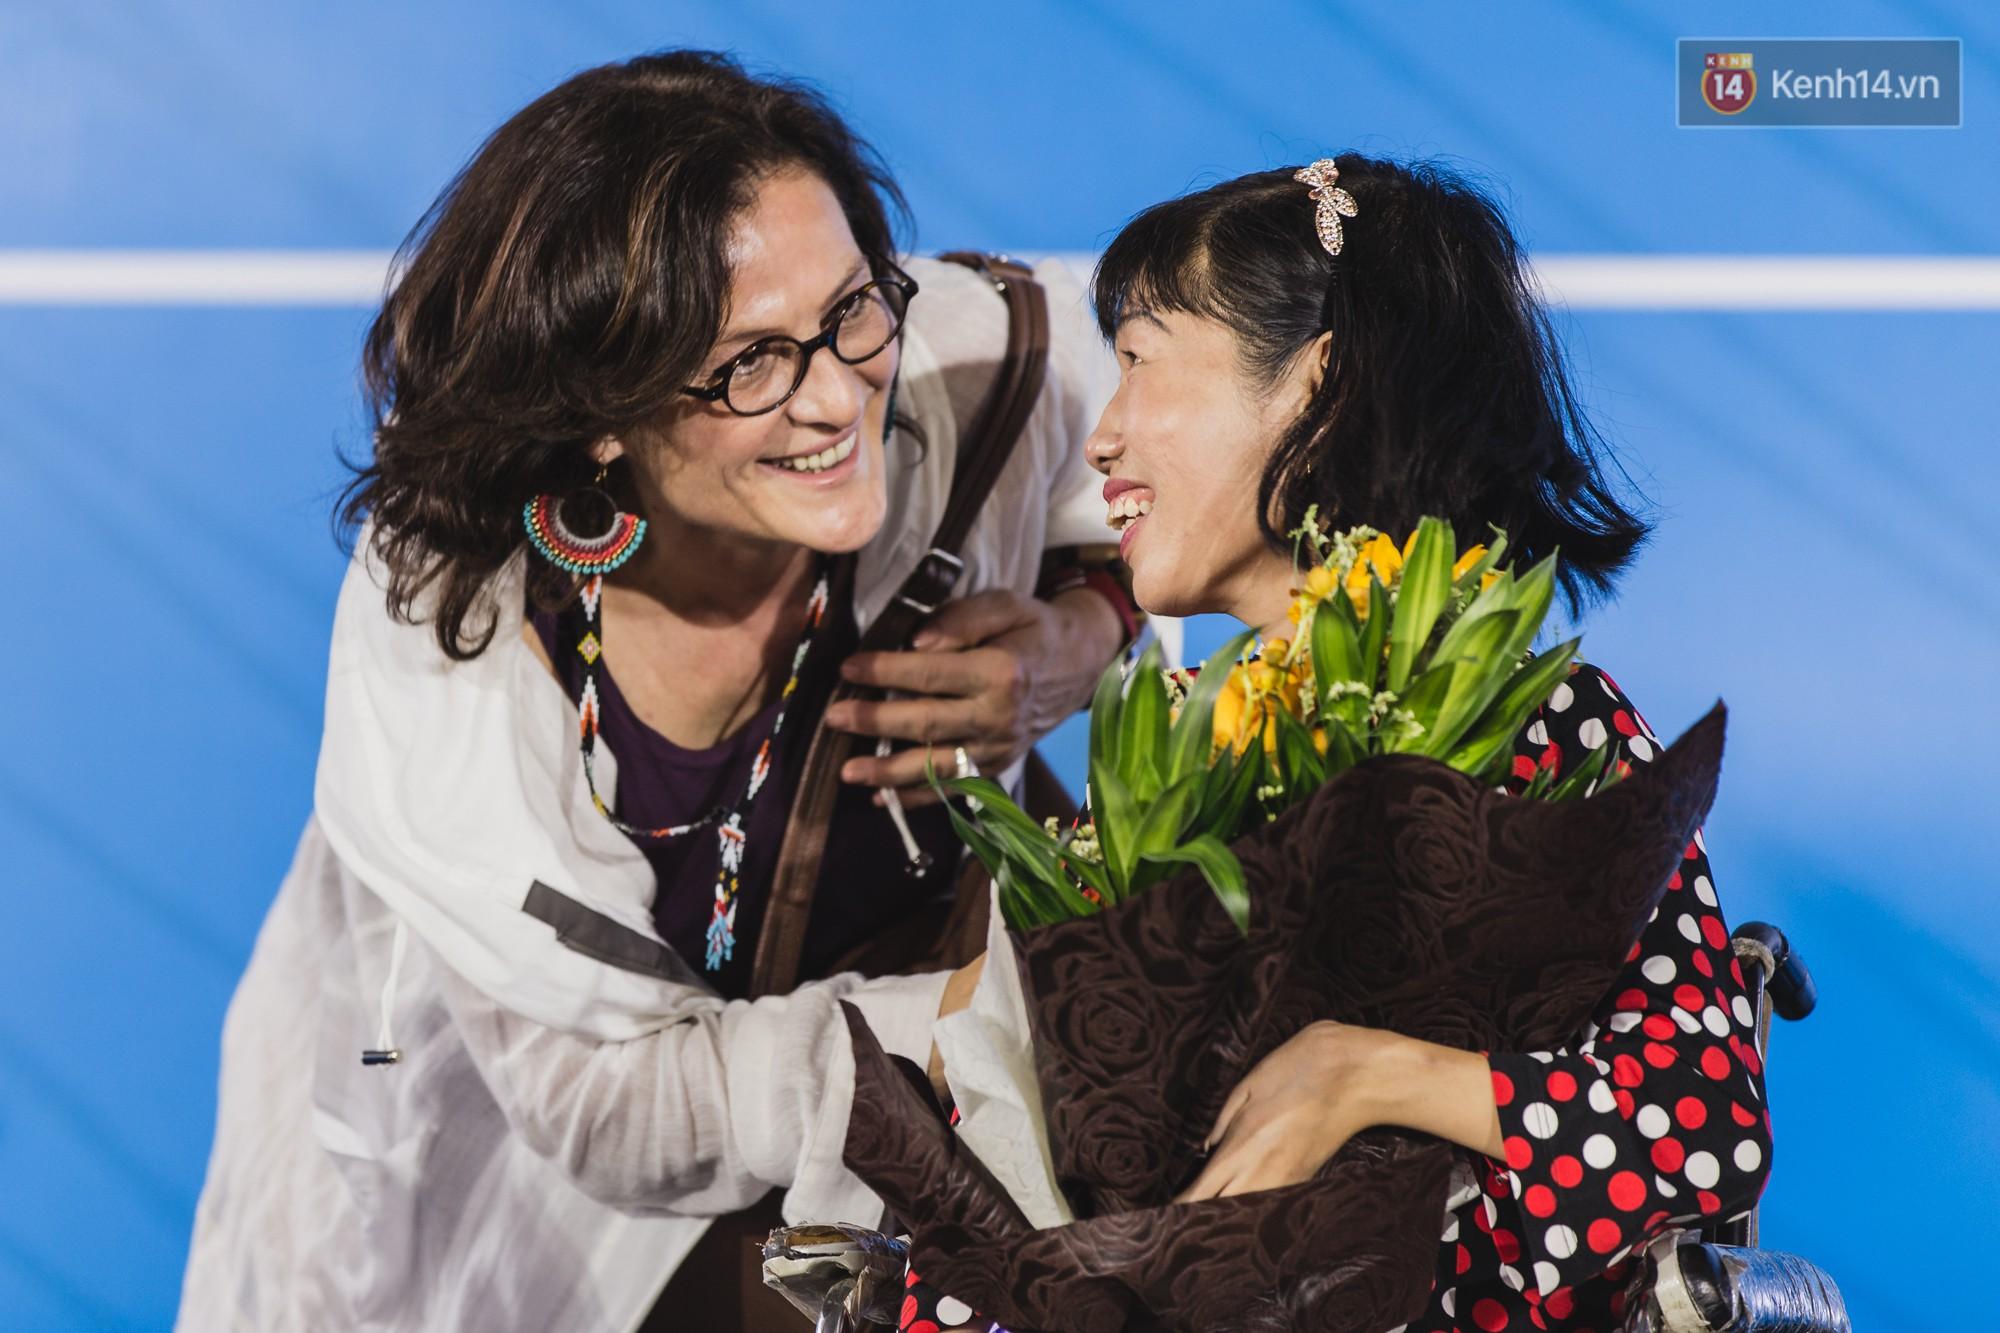 Những khoảnh khắc xúc động trong chương trình Giao lưu với người khuyết tật ở Sài Gòn - Ảnh 7.